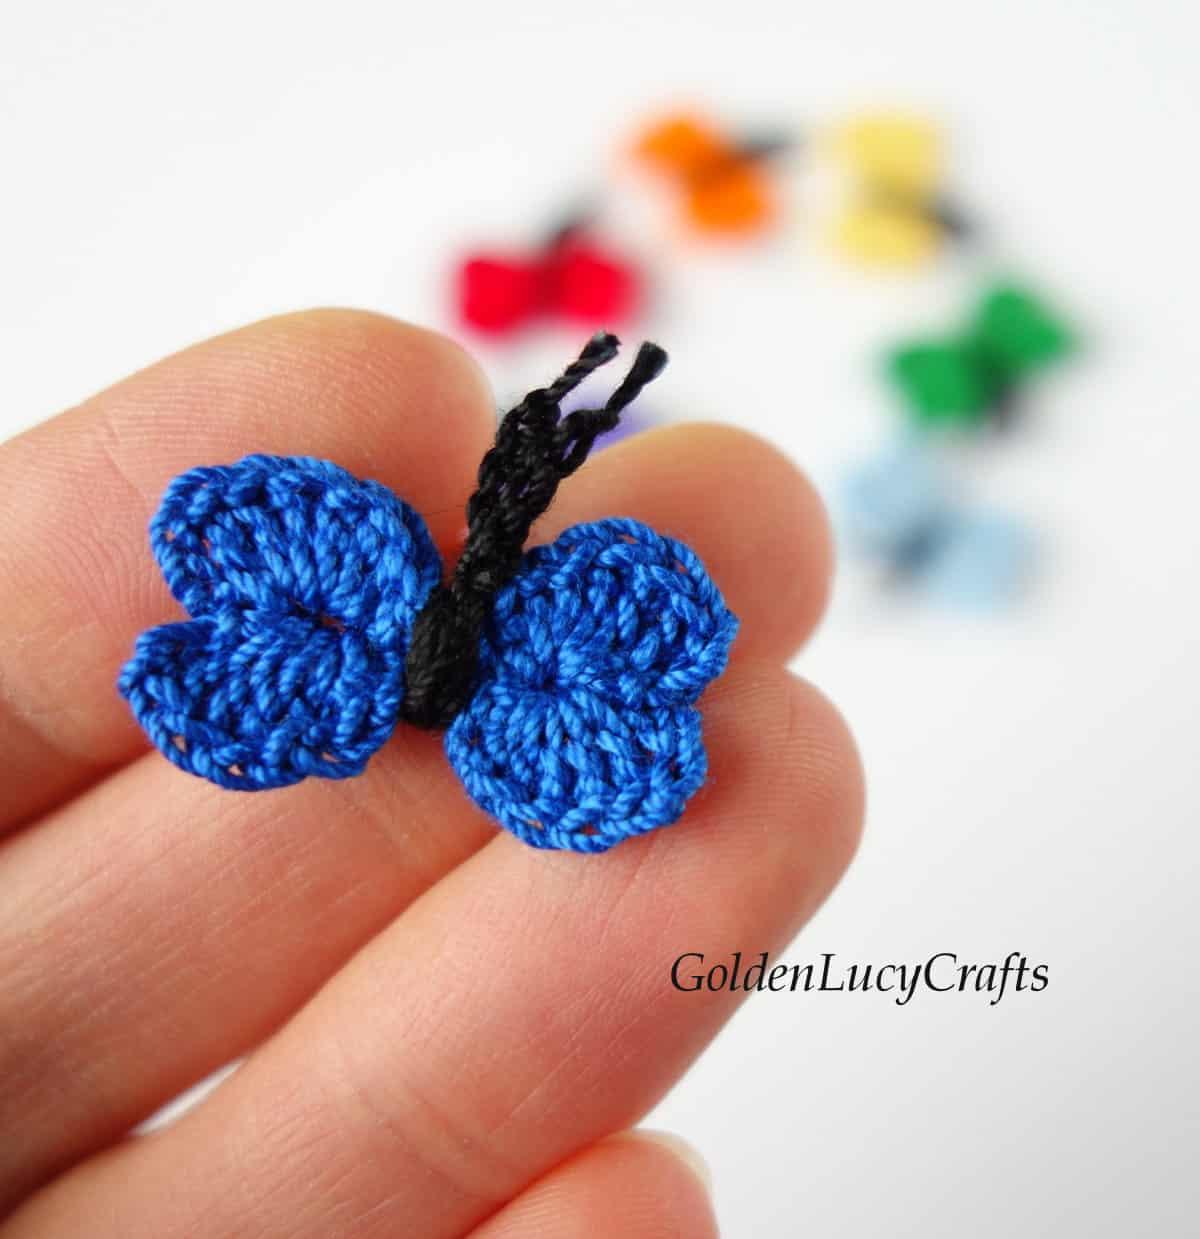 Small crochet butterfly held by fingertips.